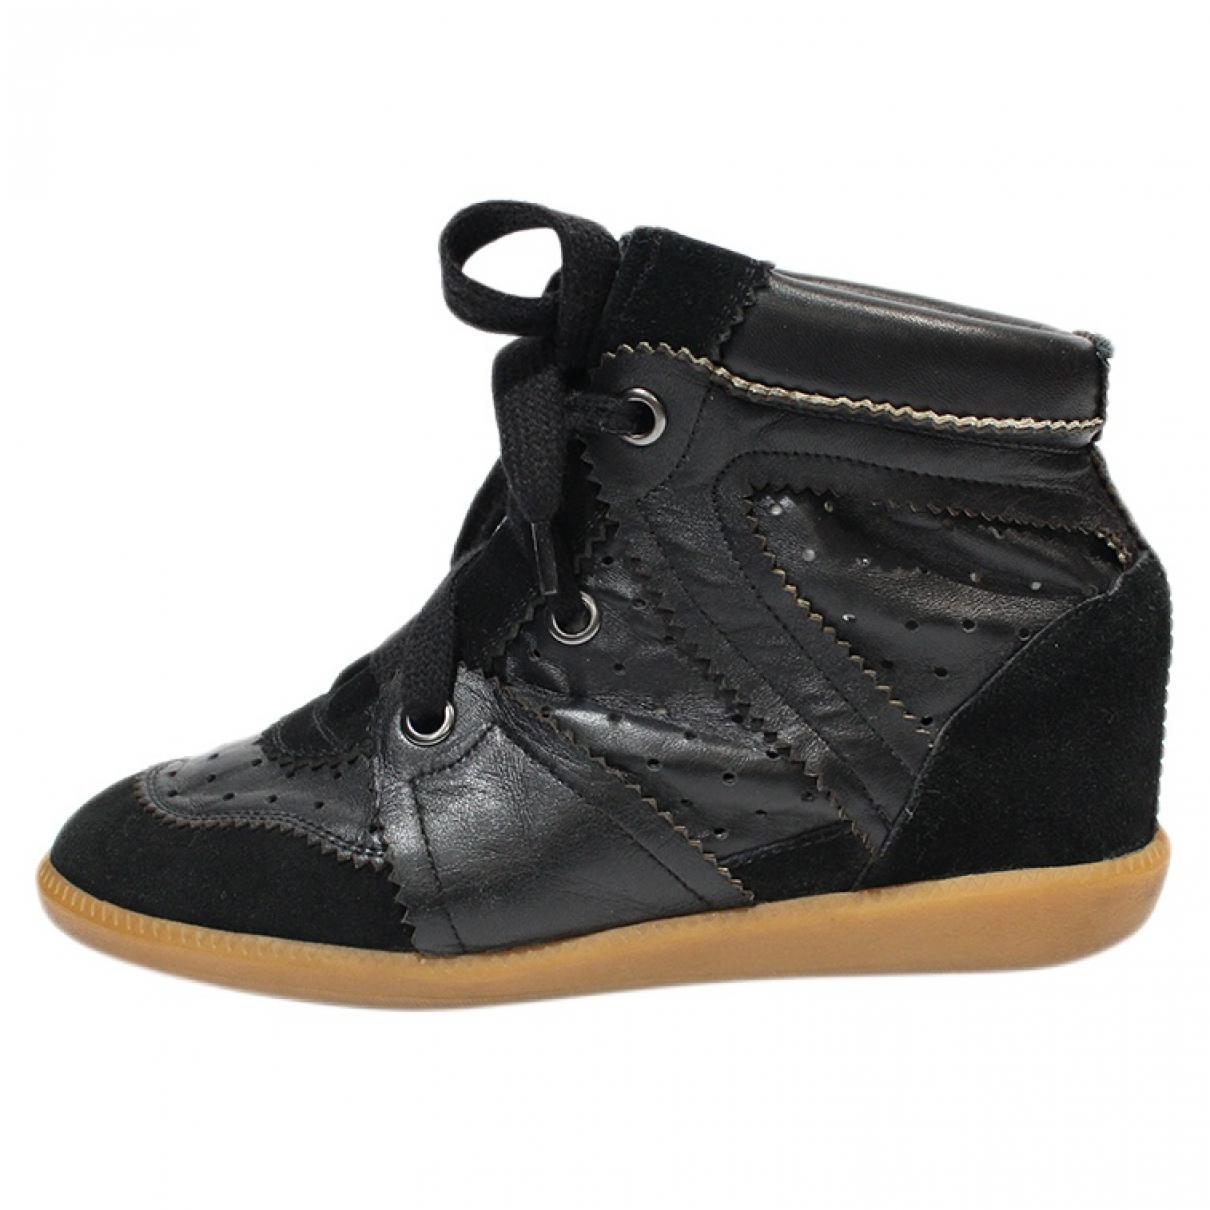 Isabel Marant Bobby Black Leather